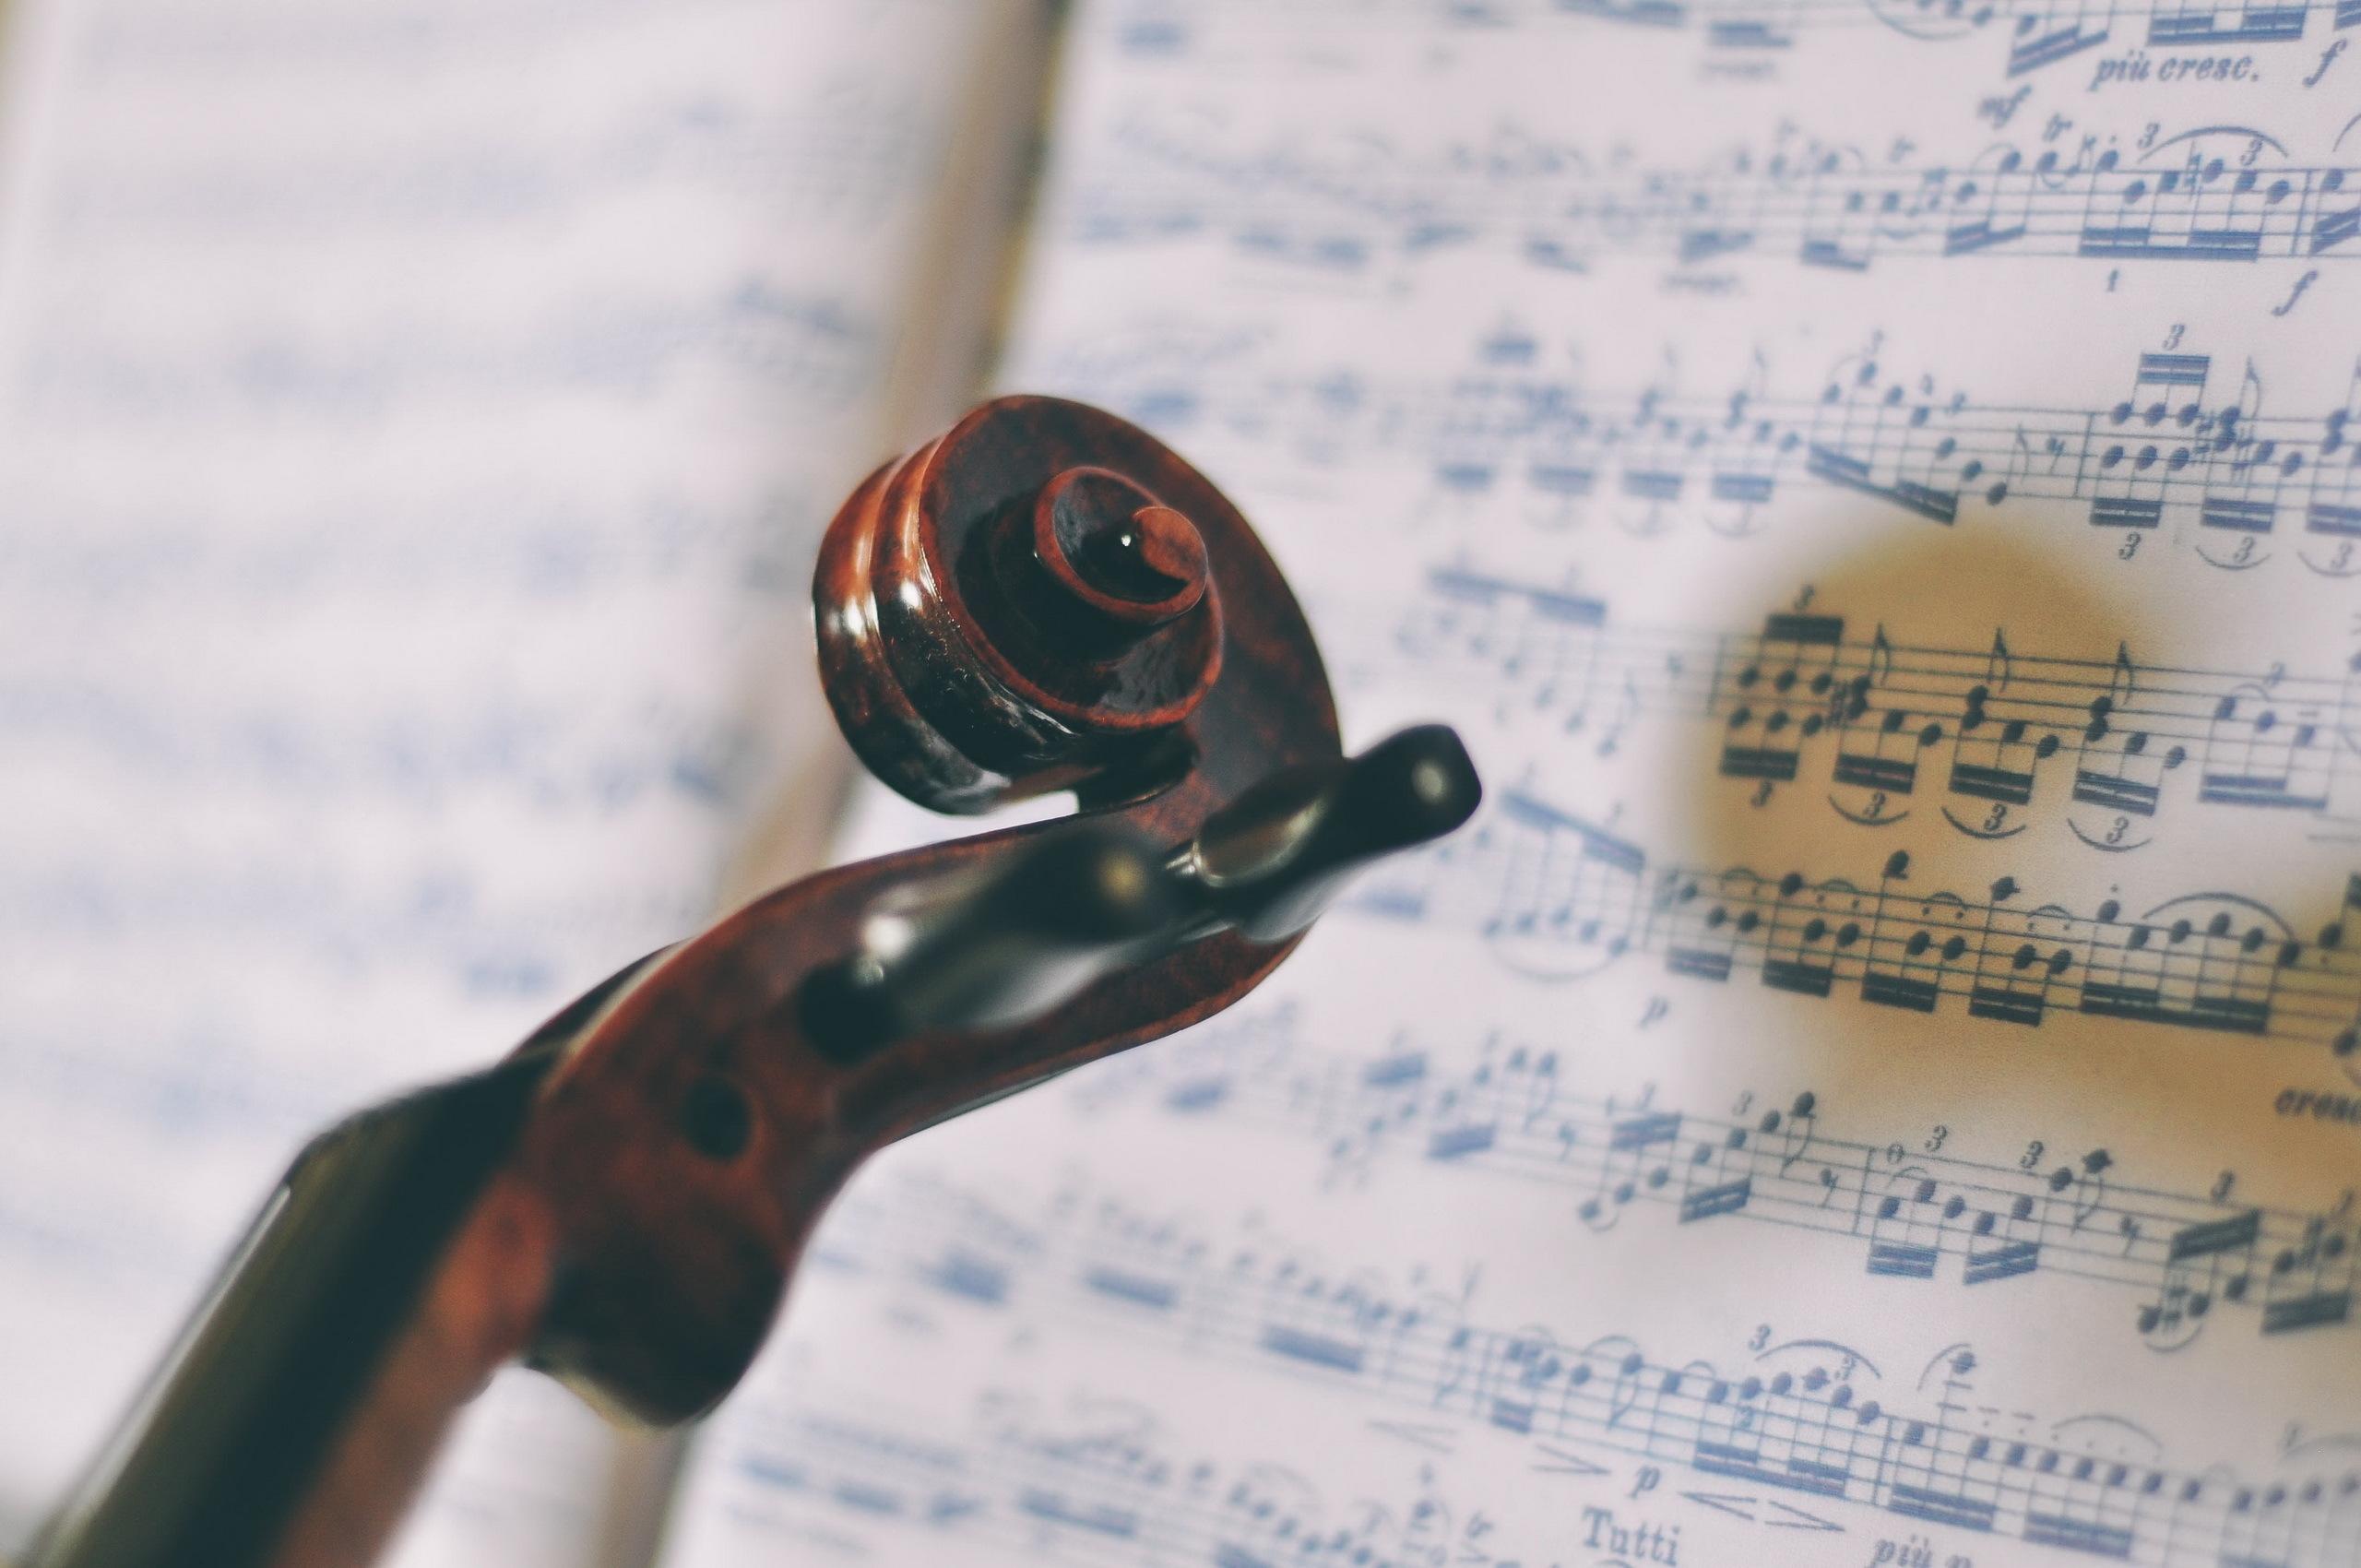 63659 Protetores de tela e papéis de parede Música em seu telefone. Baixe Miscelânea, Variado, Violino, Notas, Música, Folha, Macro fotos gratuitamente